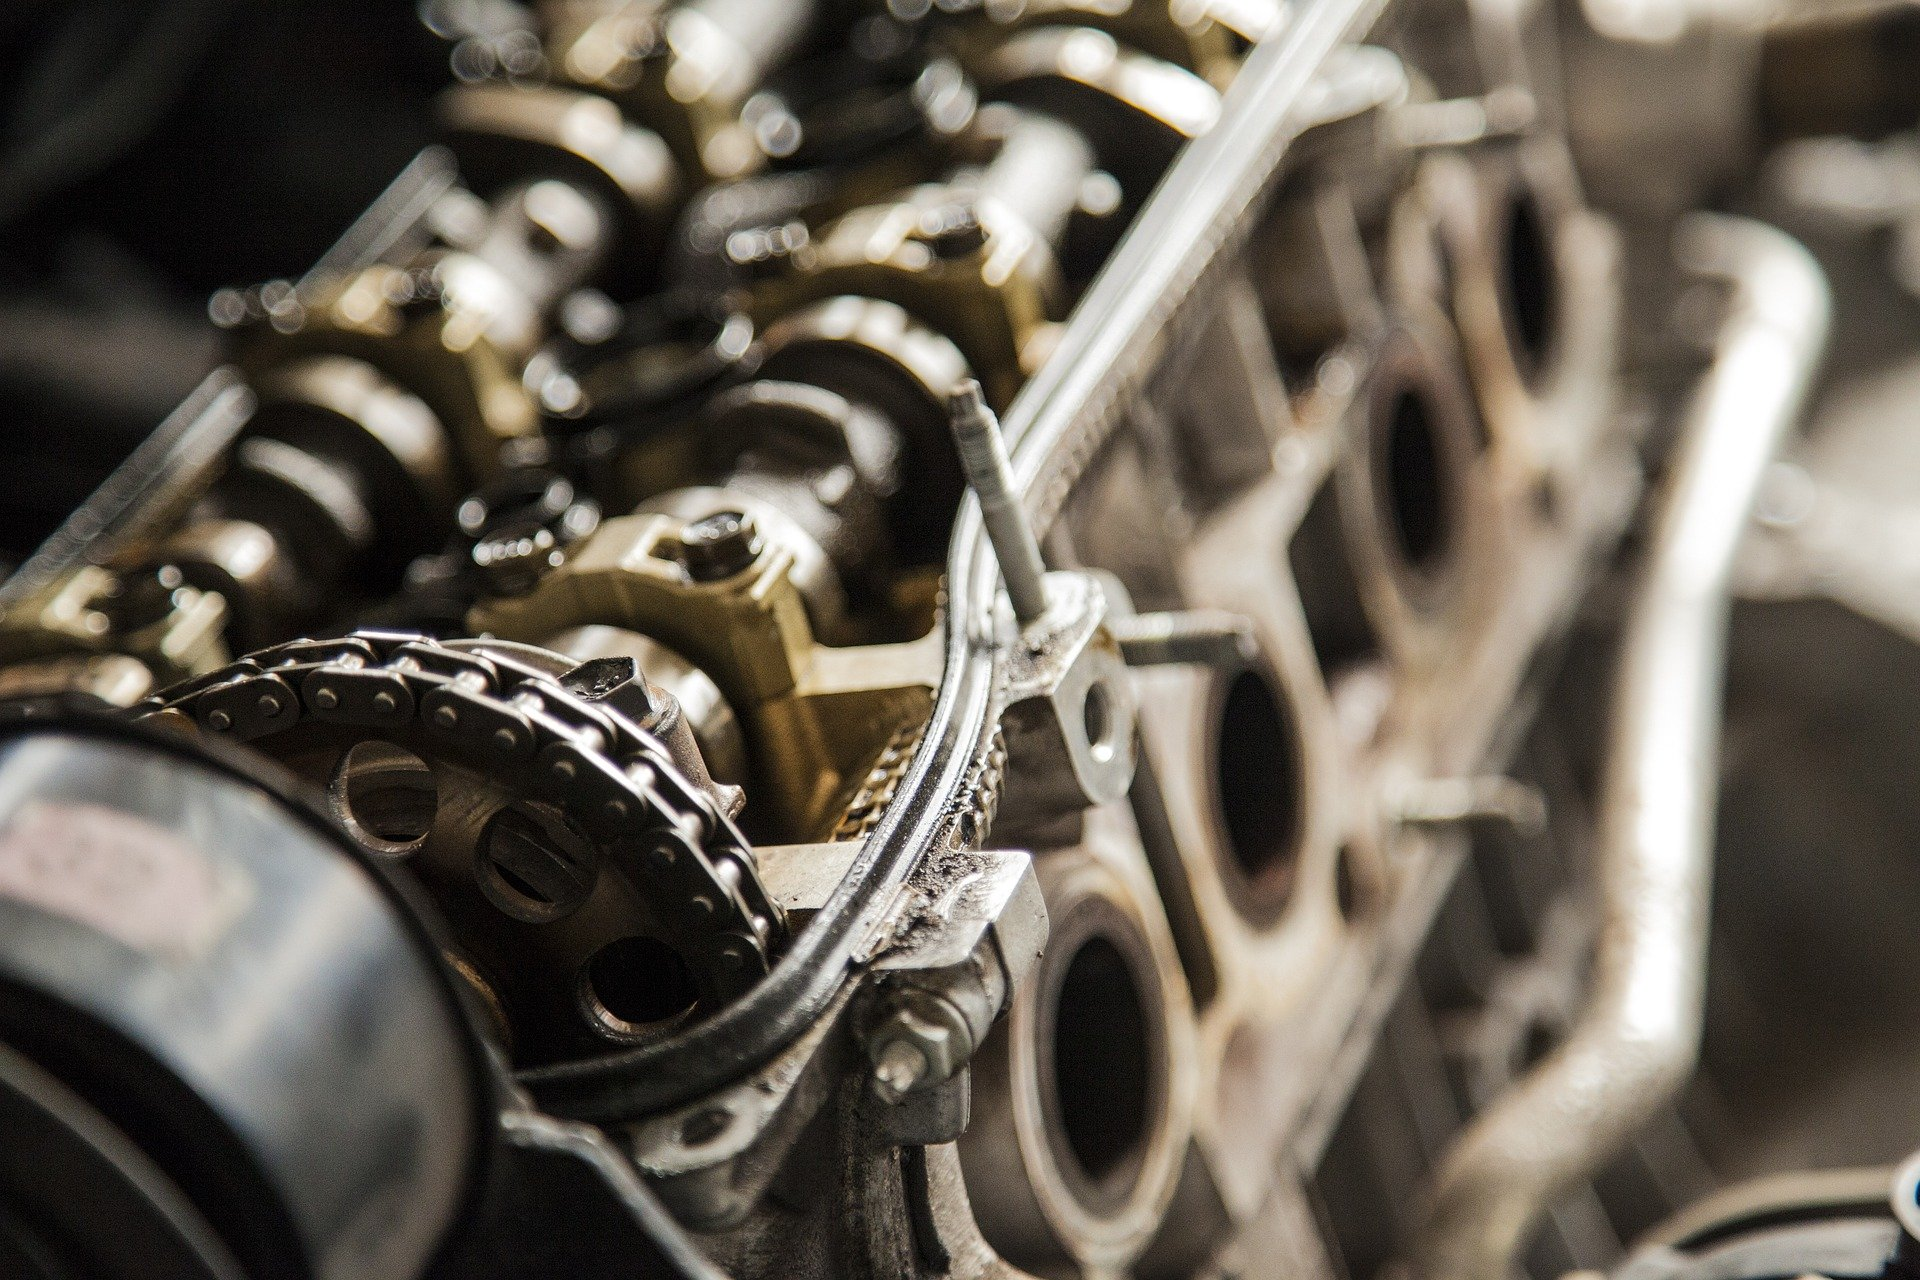 Kasa on-line u mechanika i na stacjach benzynowych